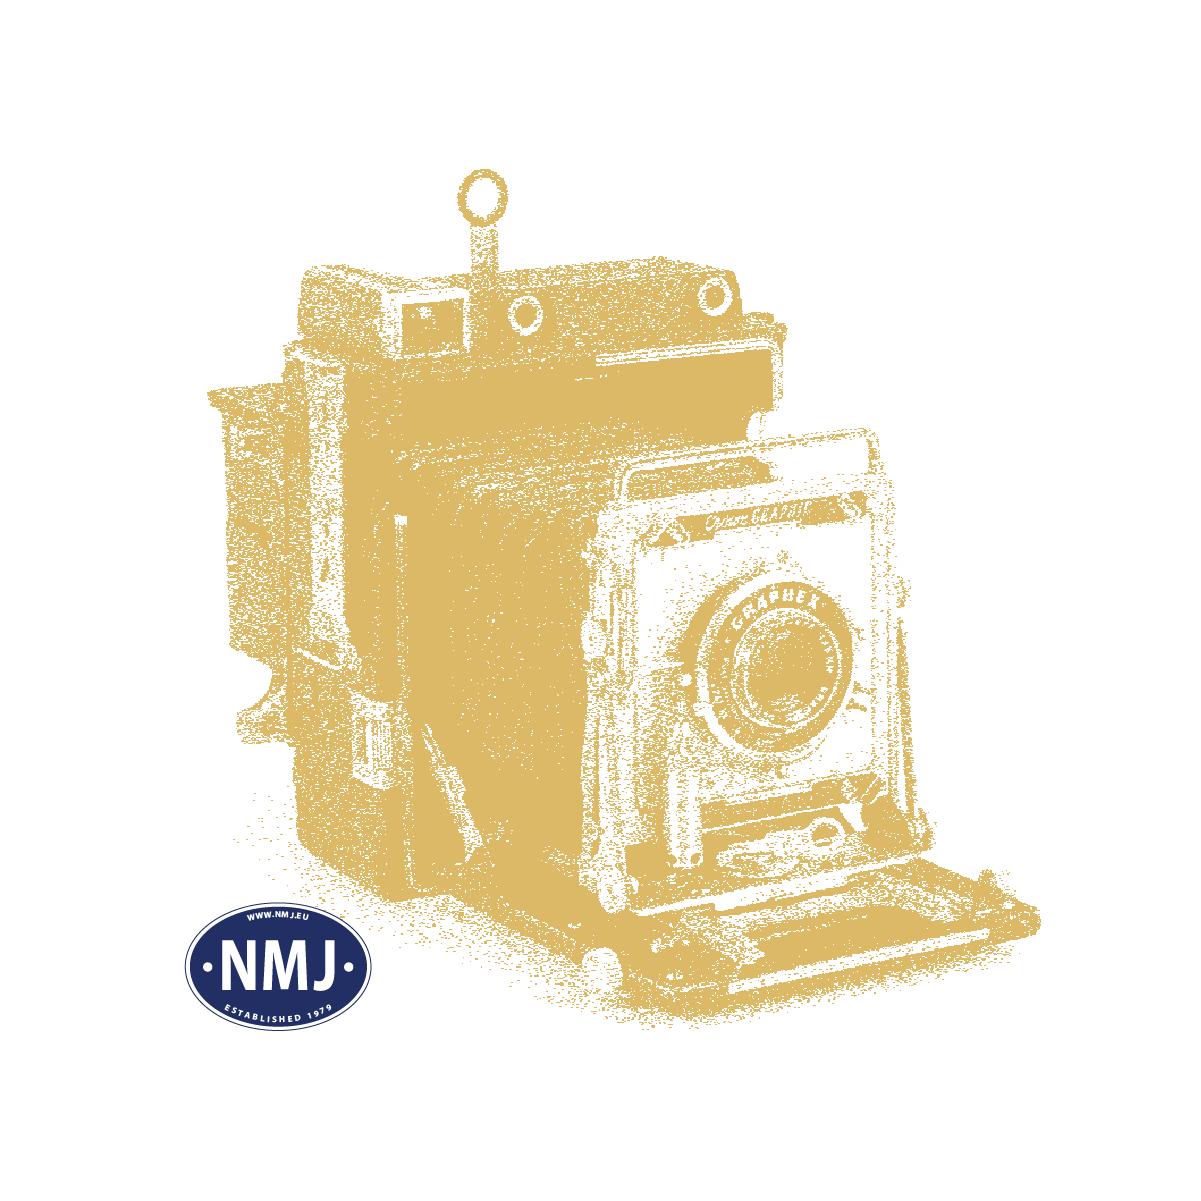 NMJT507.119 - NMJ Topline CargoNet Lgns 42 76 443 2053-8, POSTEN